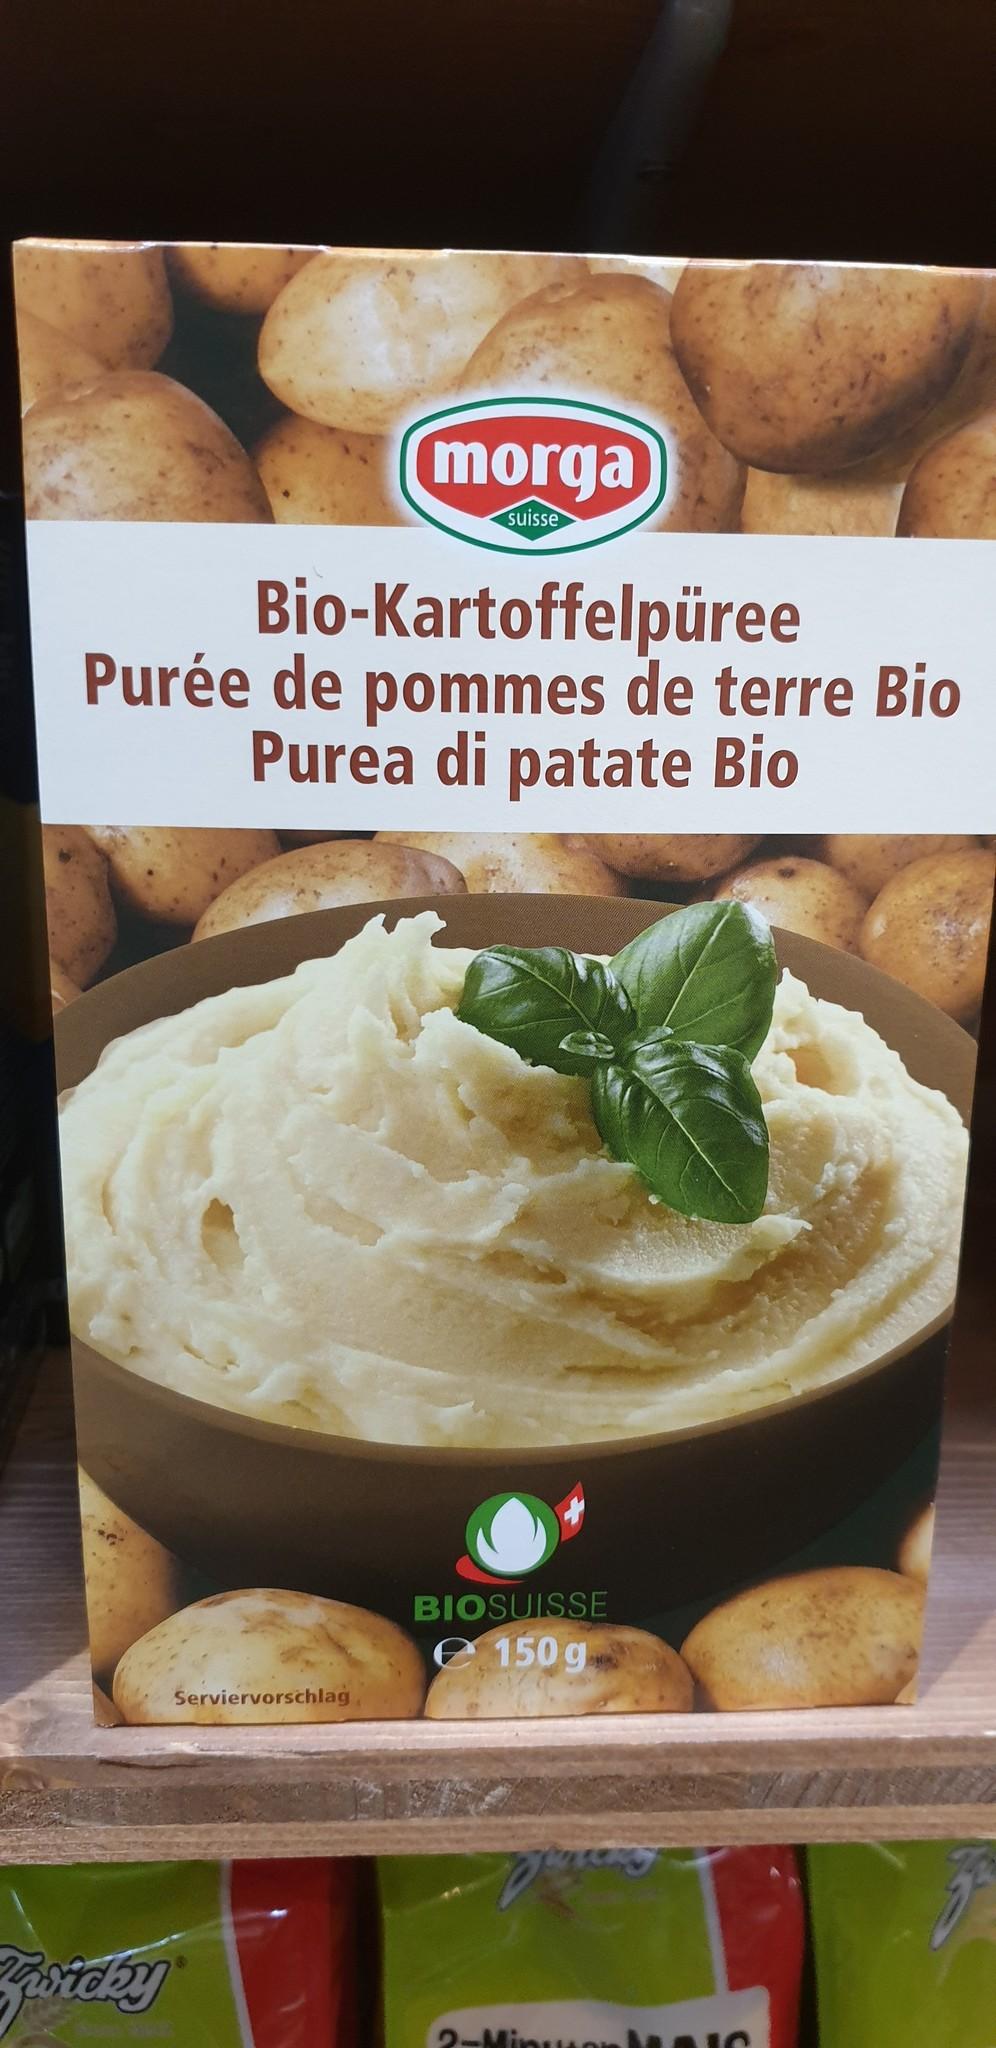 Morga Kartoffelpüree bio Morga